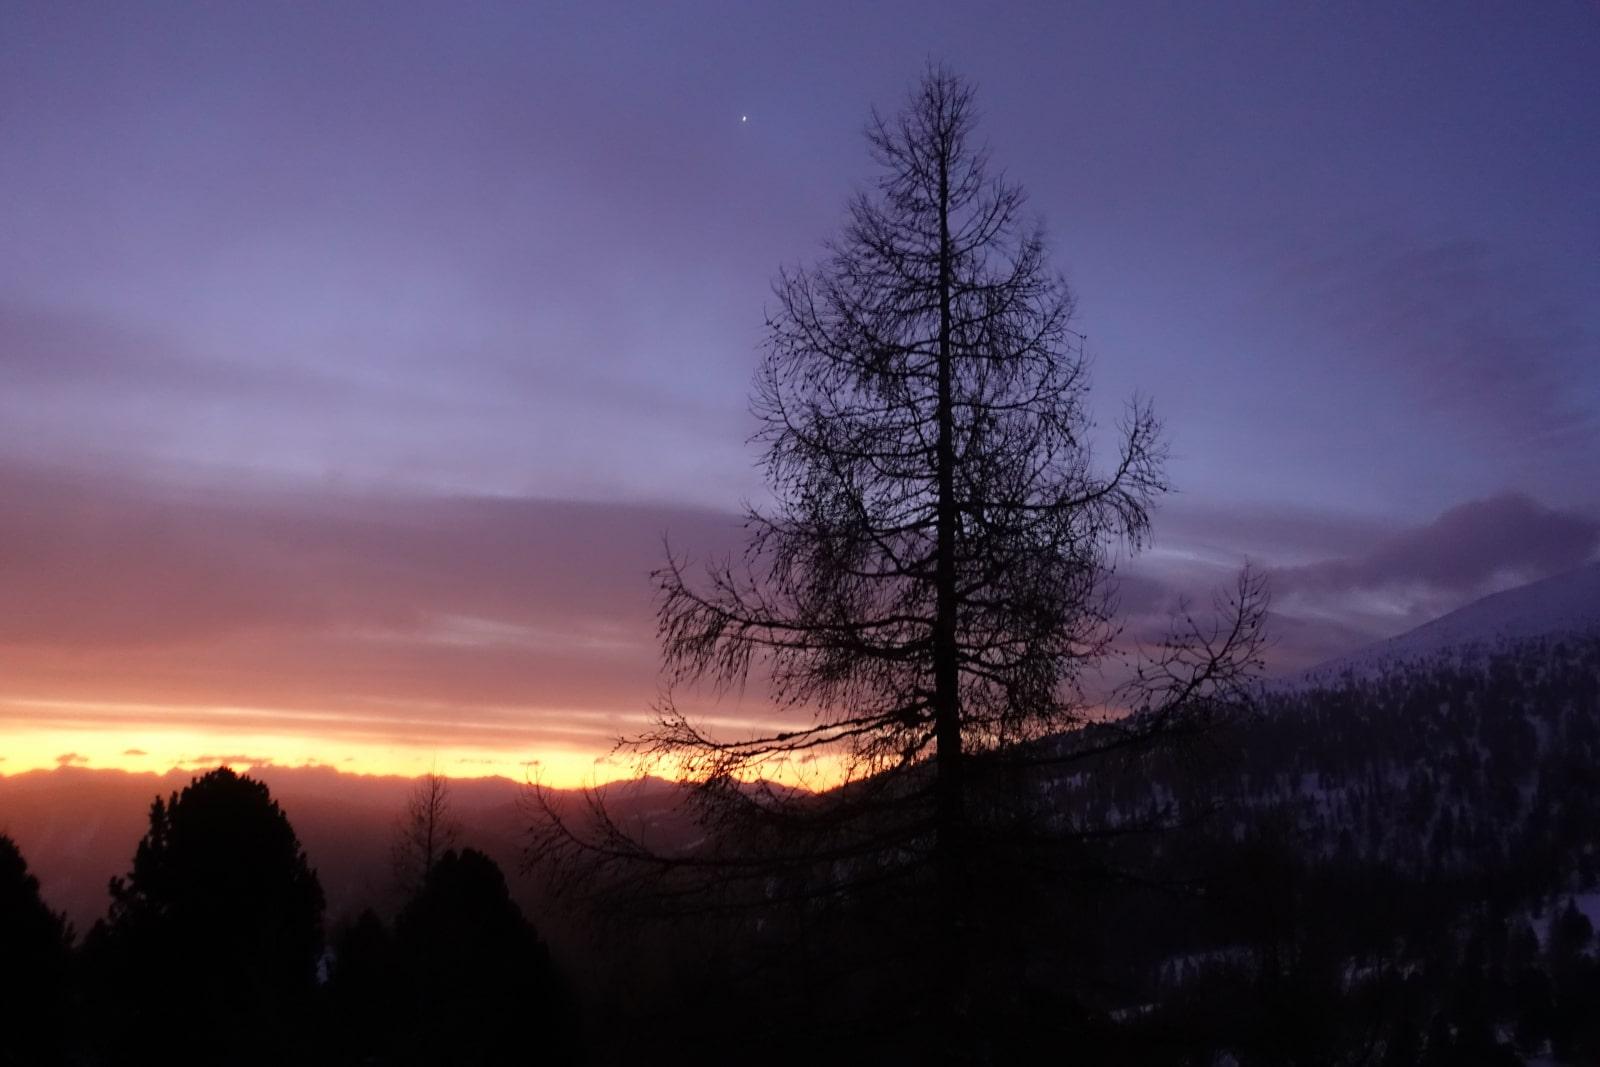 Heidi-Chalet-Falkert-Heidialm-Almsommer-Winter-Abends-Stimmung